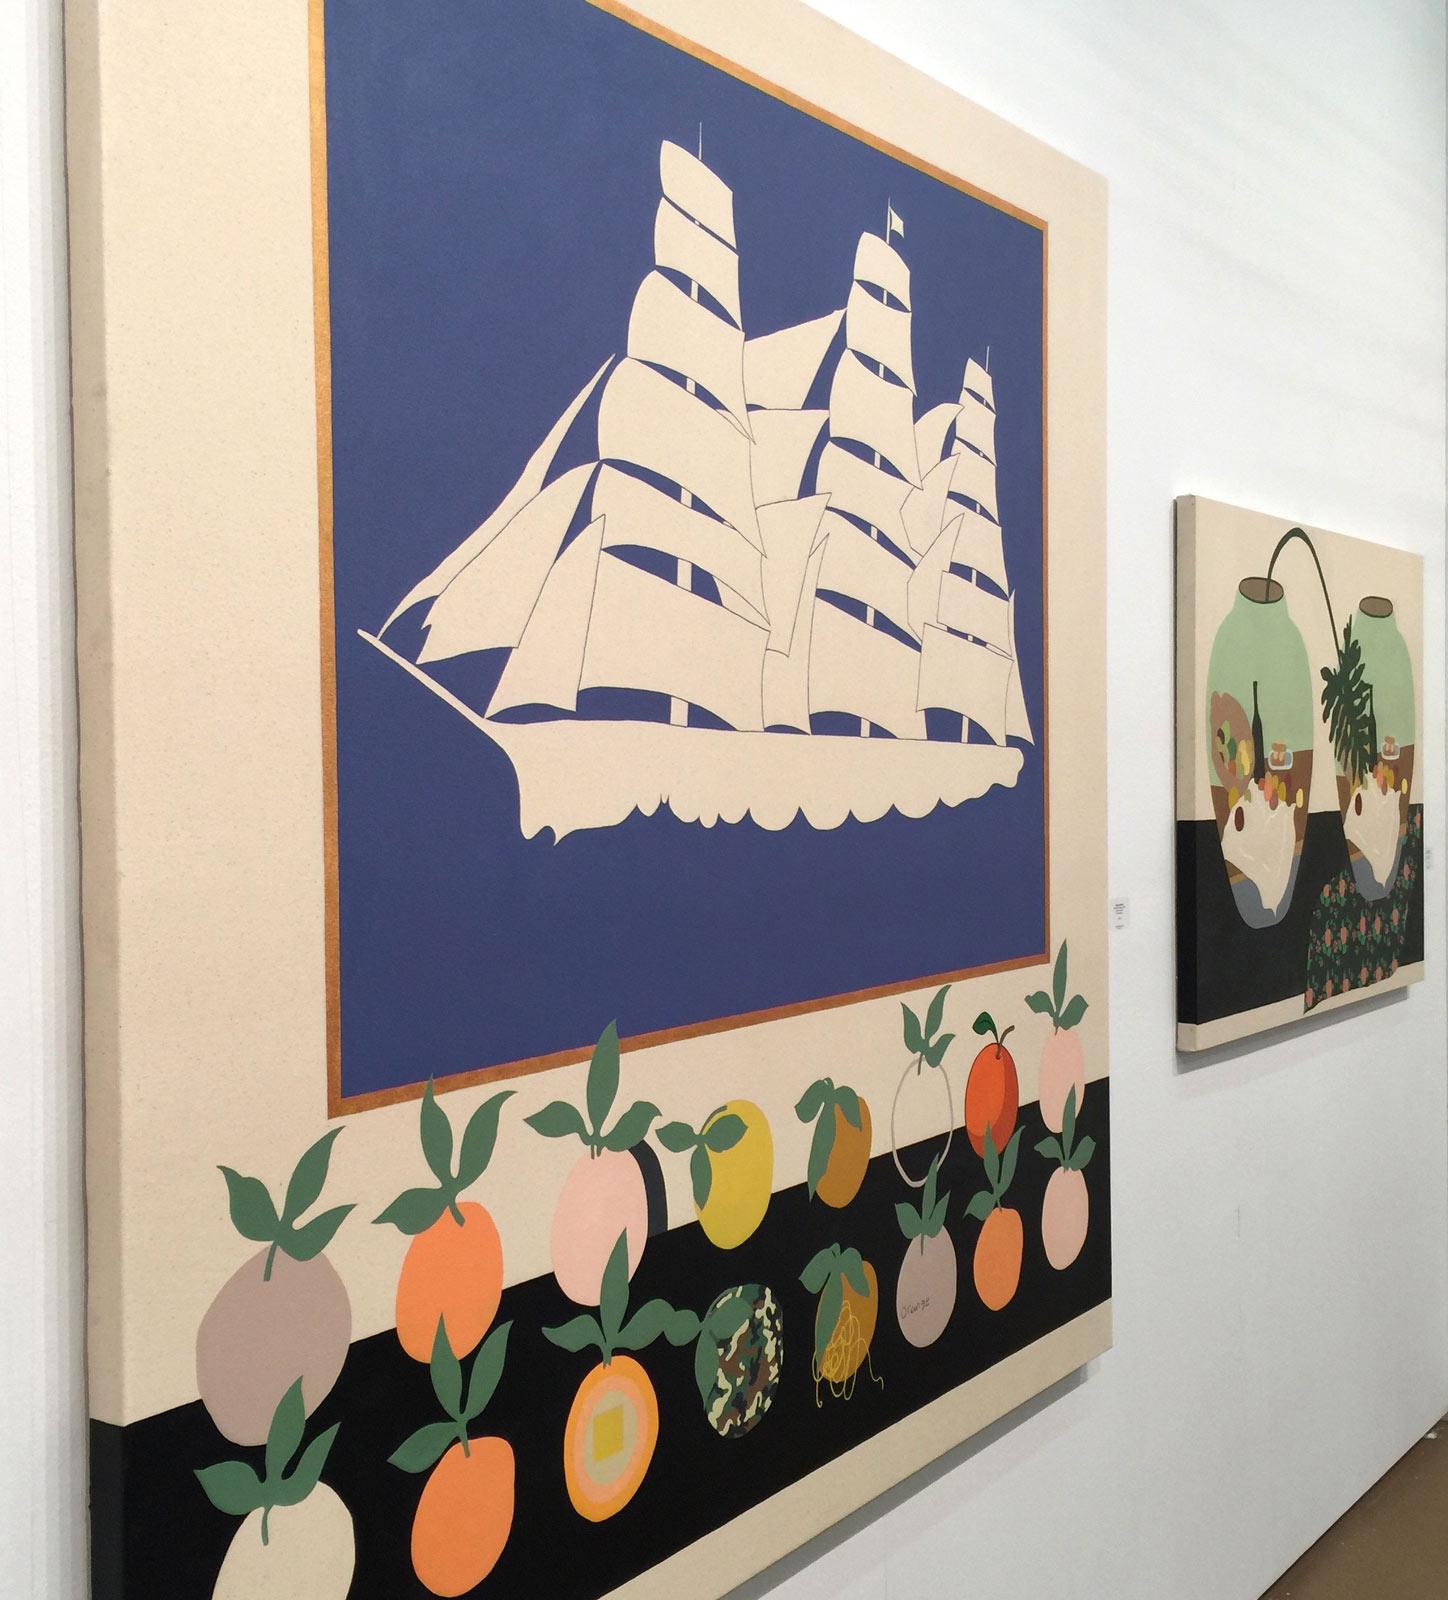 Stephen-D'Onofrio-Still-Life-with-Oranges-Galleri-Urbane-Dallas.jpg